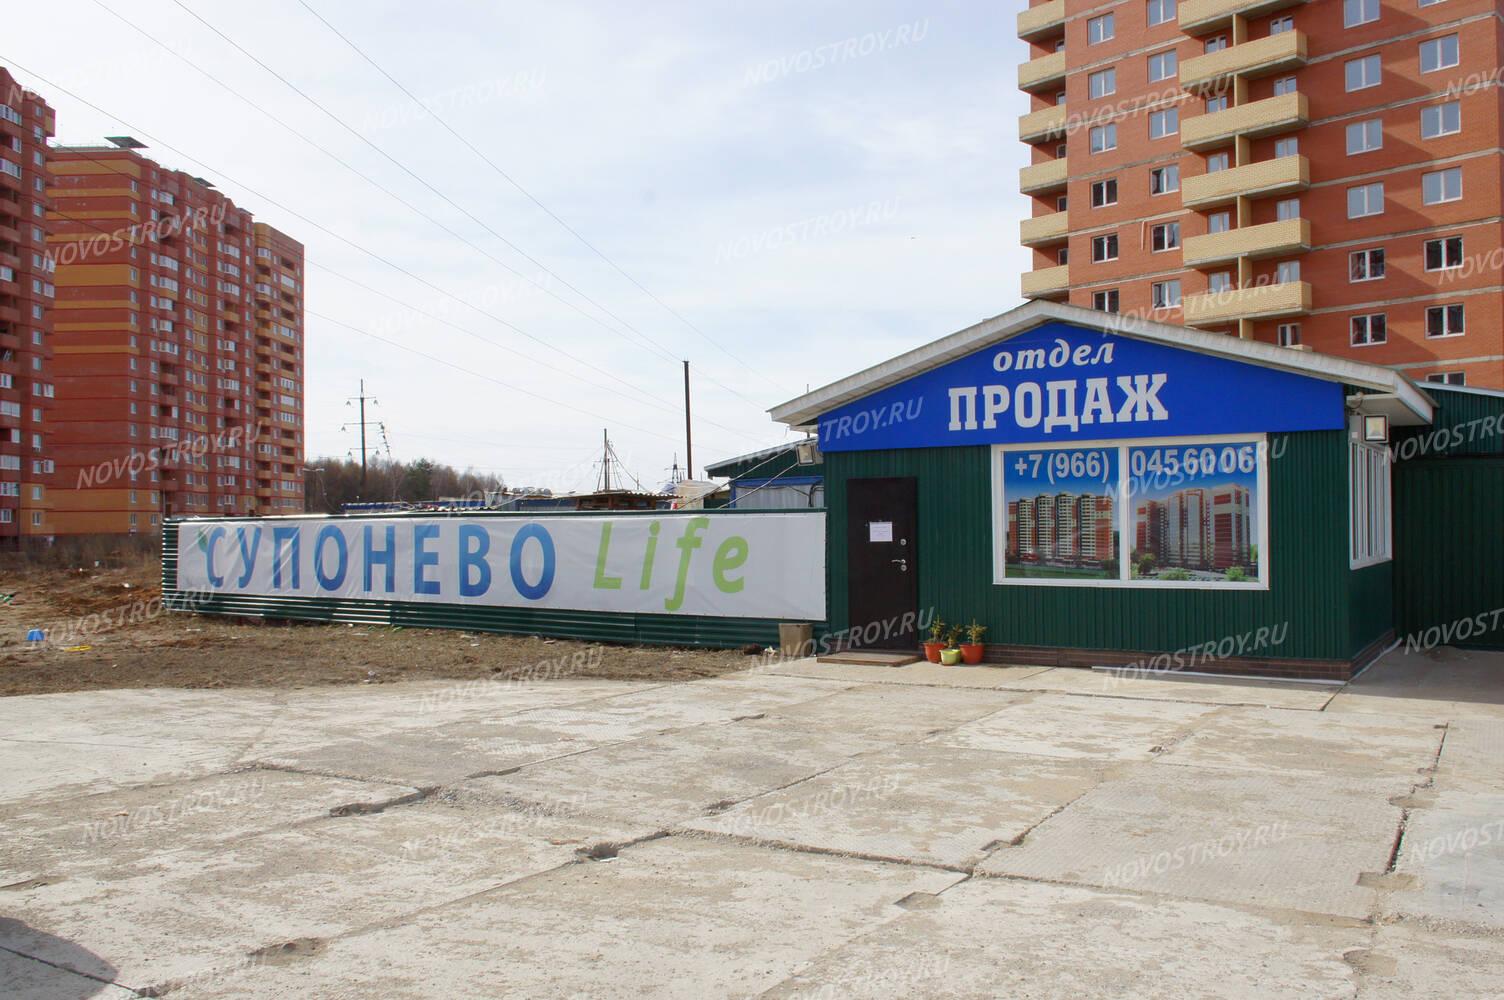 Бетон супонево купить бетон на севере москвы